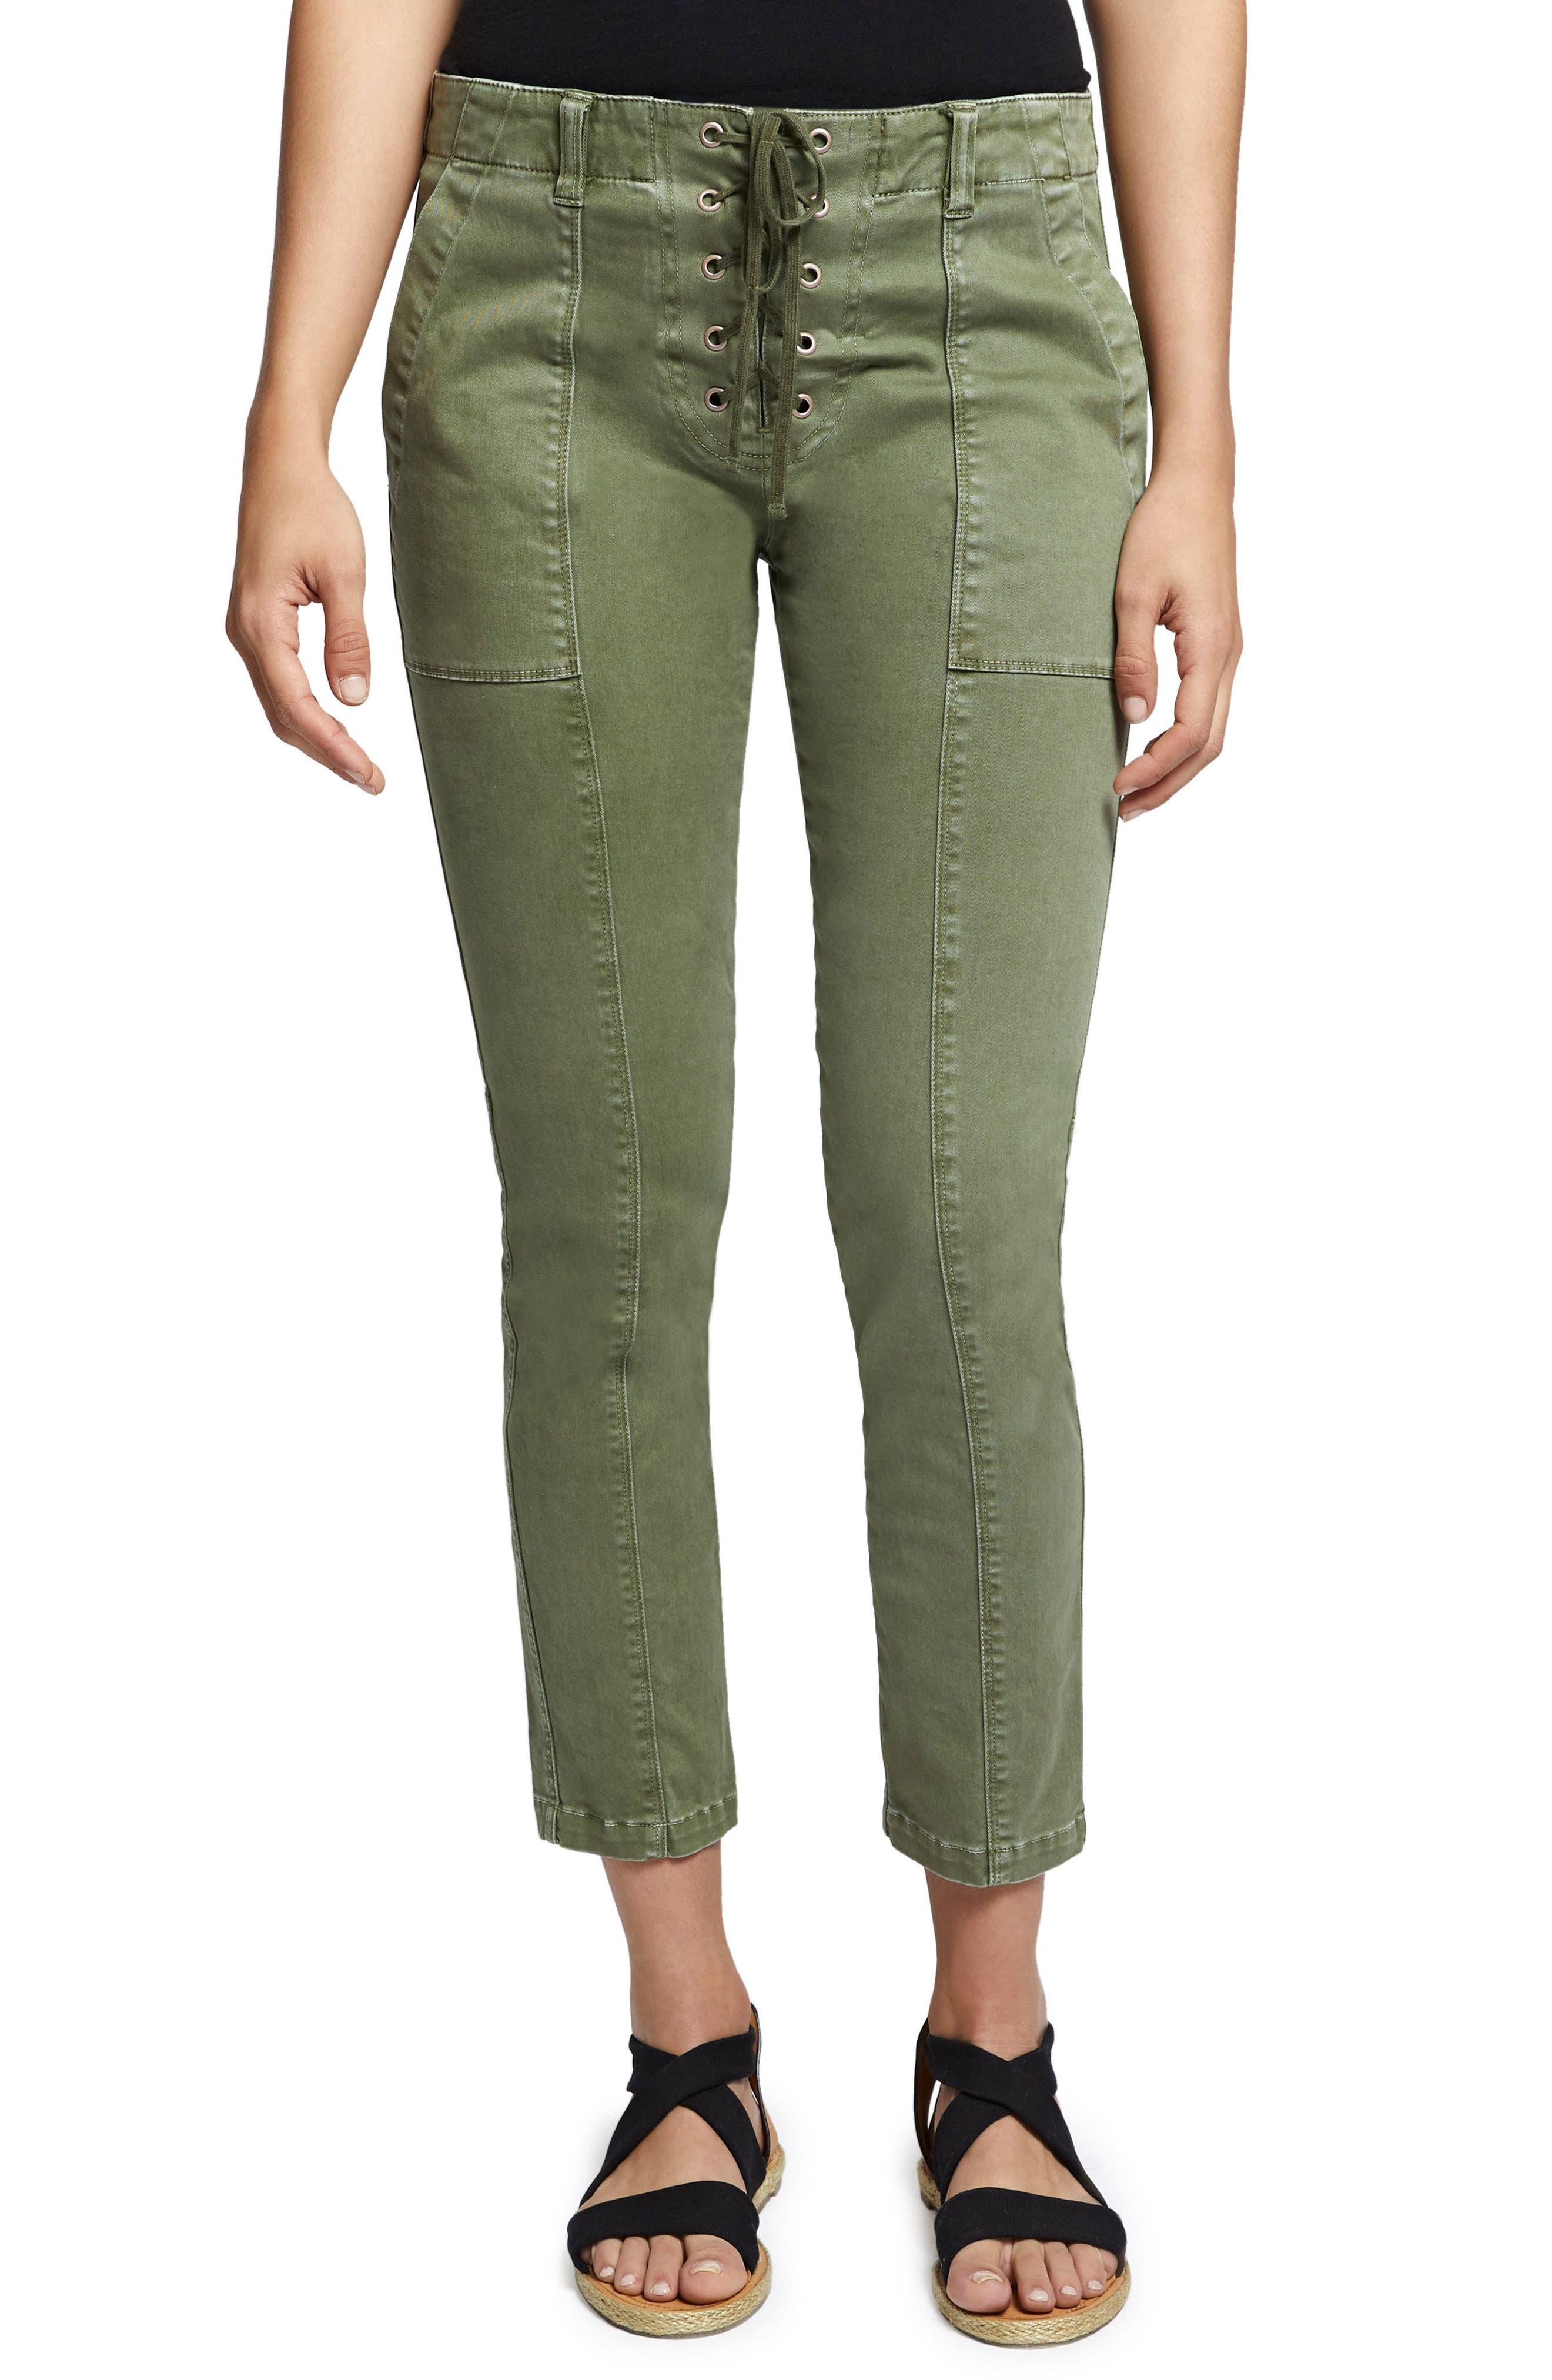 Peace Lace-Up Pants,                         Main,                         color, Cadet